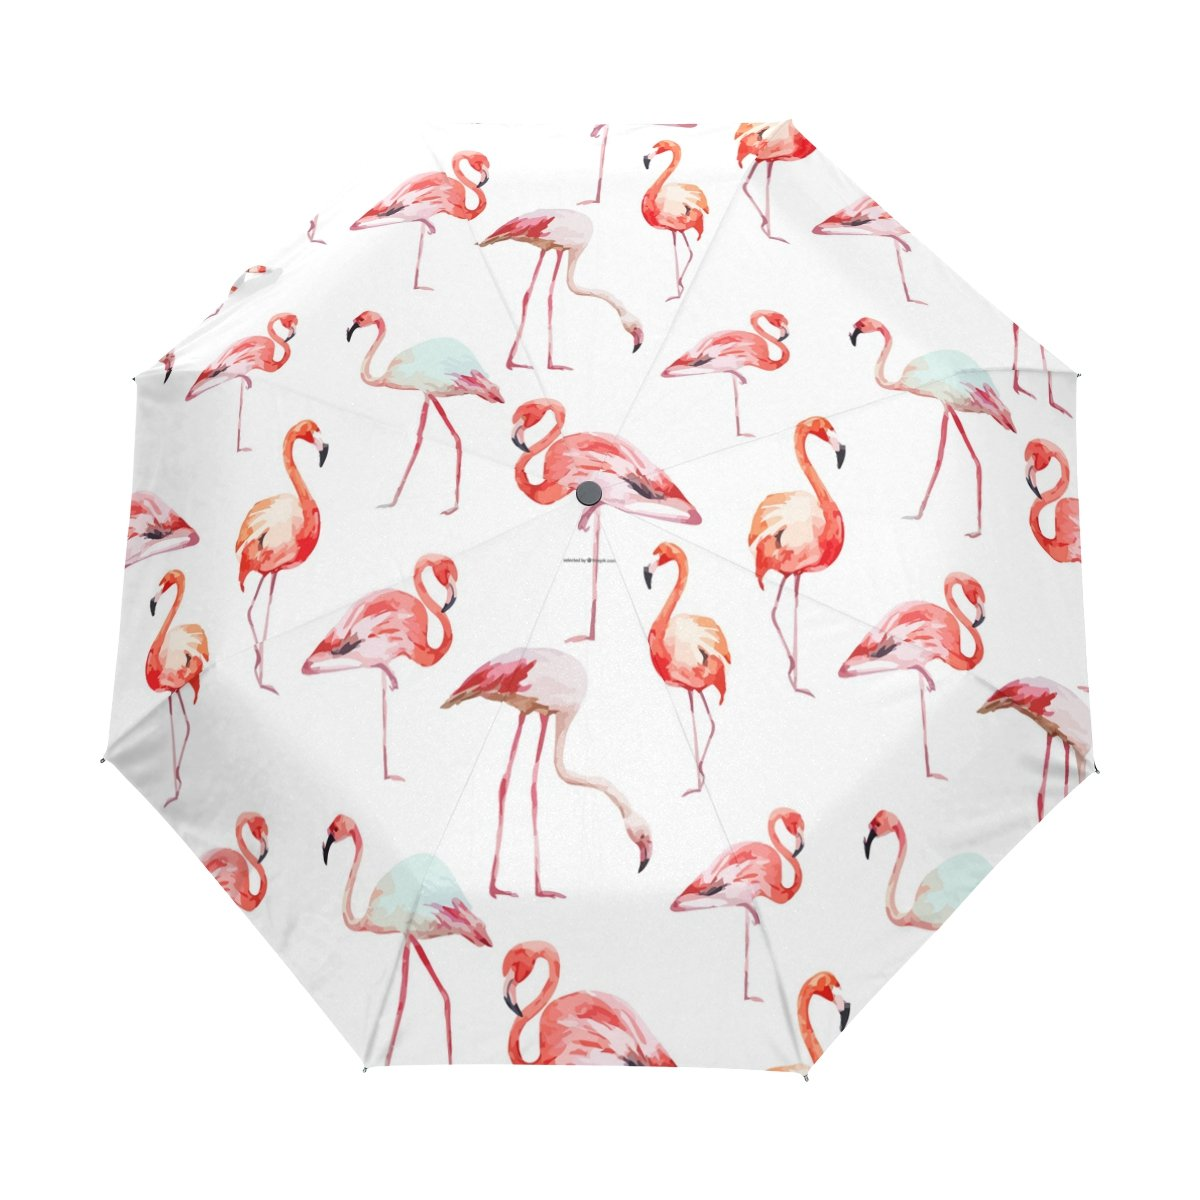 BENNIGIRY Paraguas de viaje resistente al viento, resistente al agua, con flamenco y cierre automático, plegable, resistente, compacto, paraguas, Mujer, ...